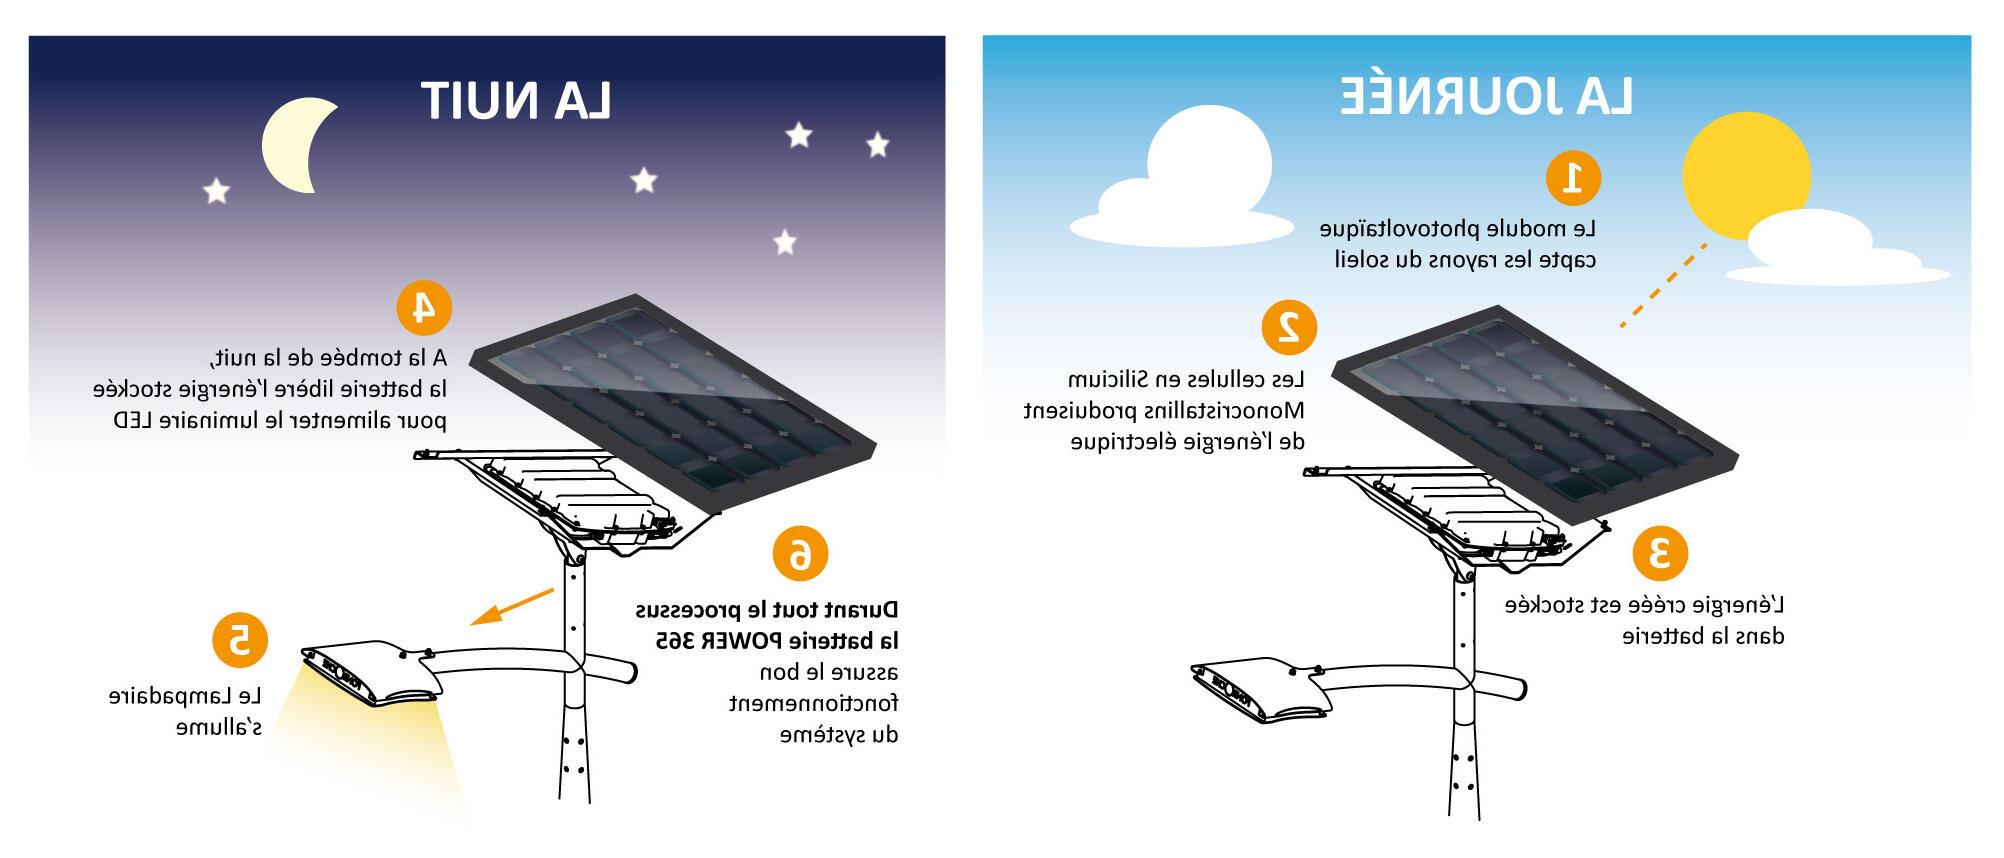 Comment faire fonctionner une lampe solaire ?